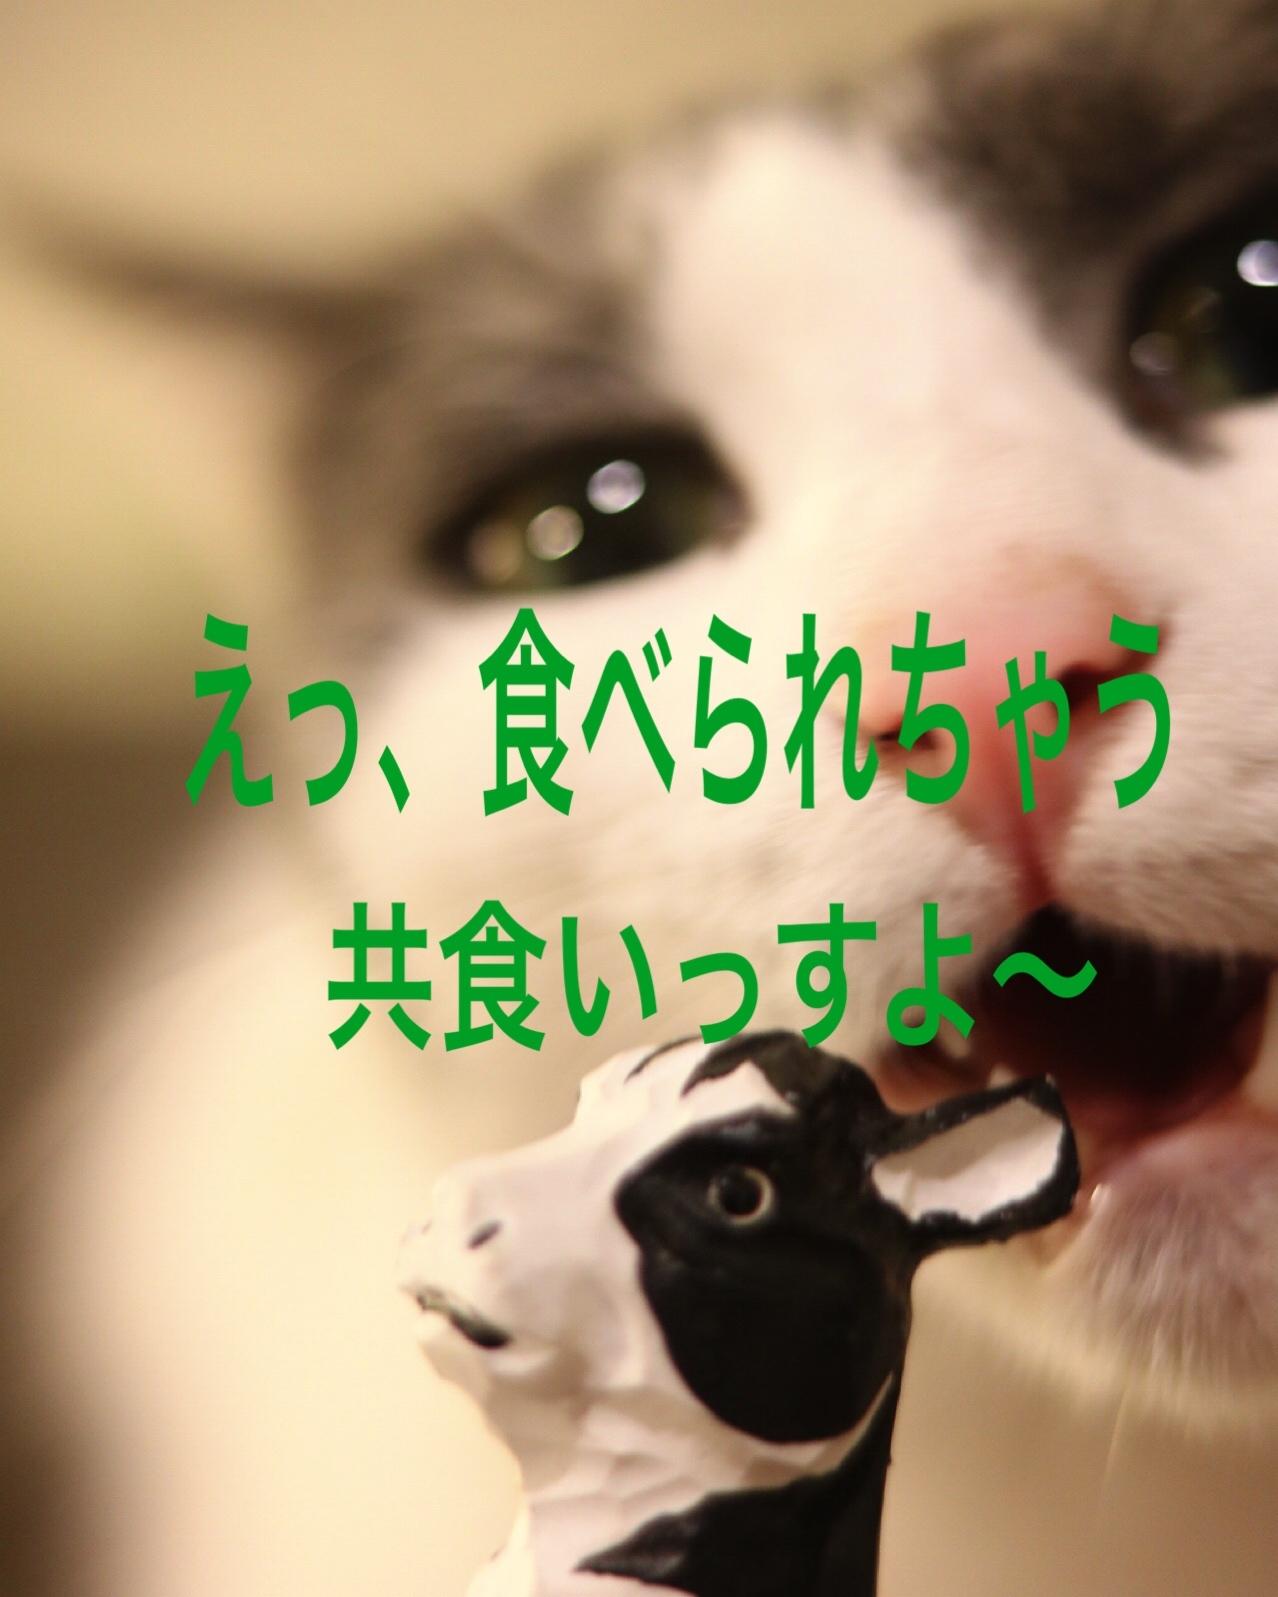 にゃんこ劇場「ふくちゃん、牛を食う?」_c0366722_17313305.jpeg